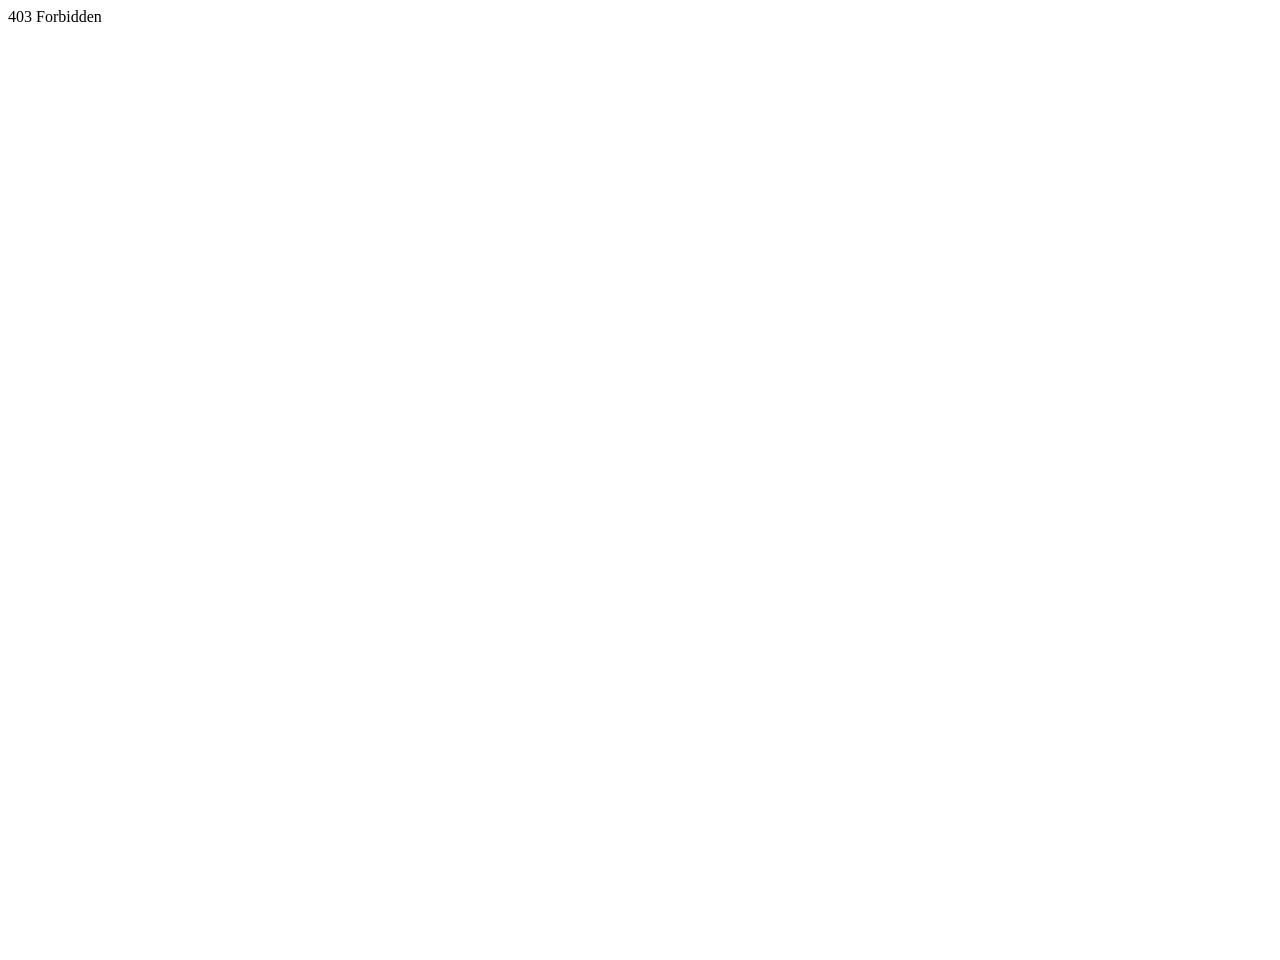 喫茶マイウイング|北海道根室市にあるカフェMYWING